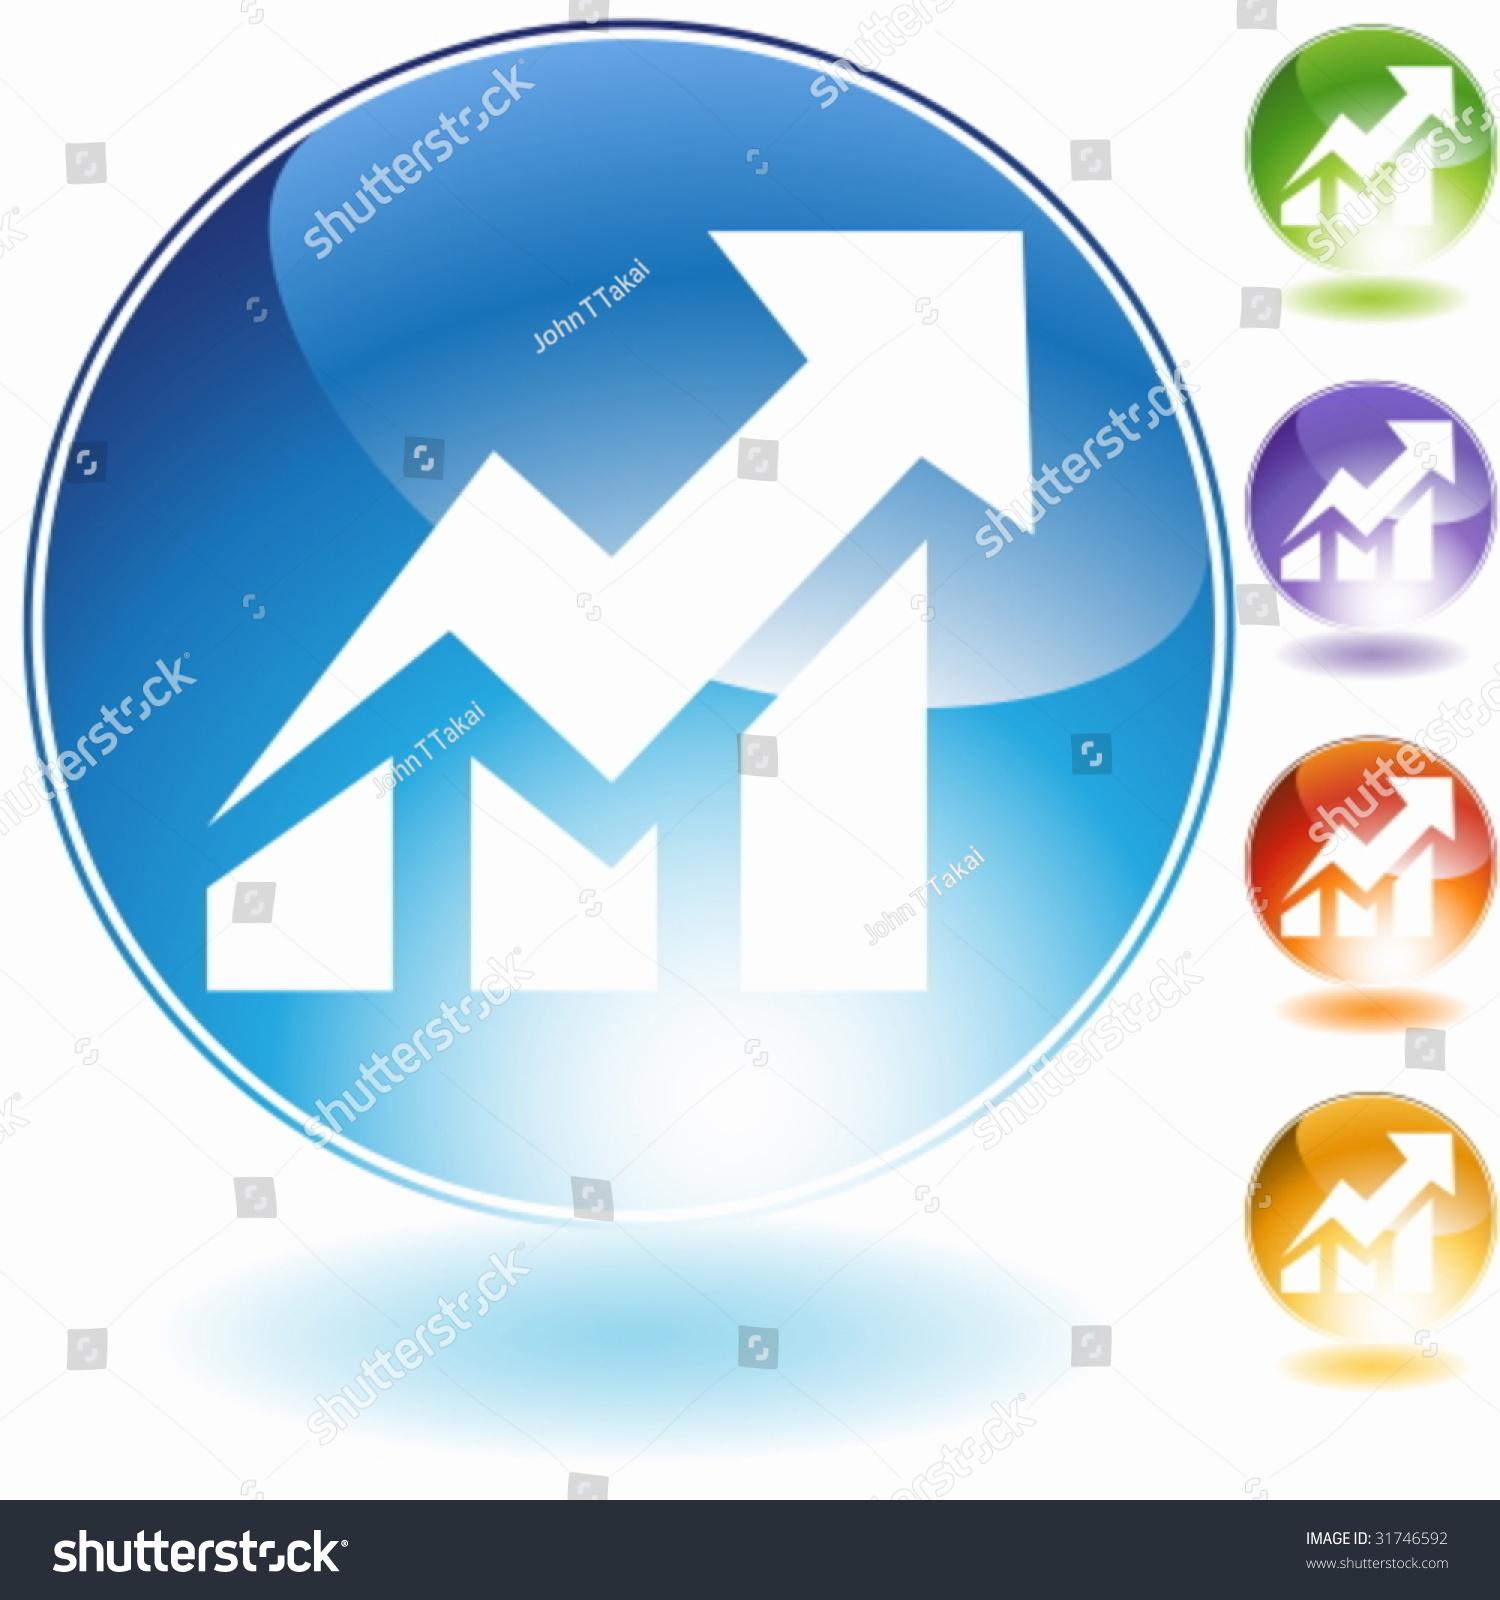 股票市场图标-插图/剪贴图,交通运输-海洛创意()-中国